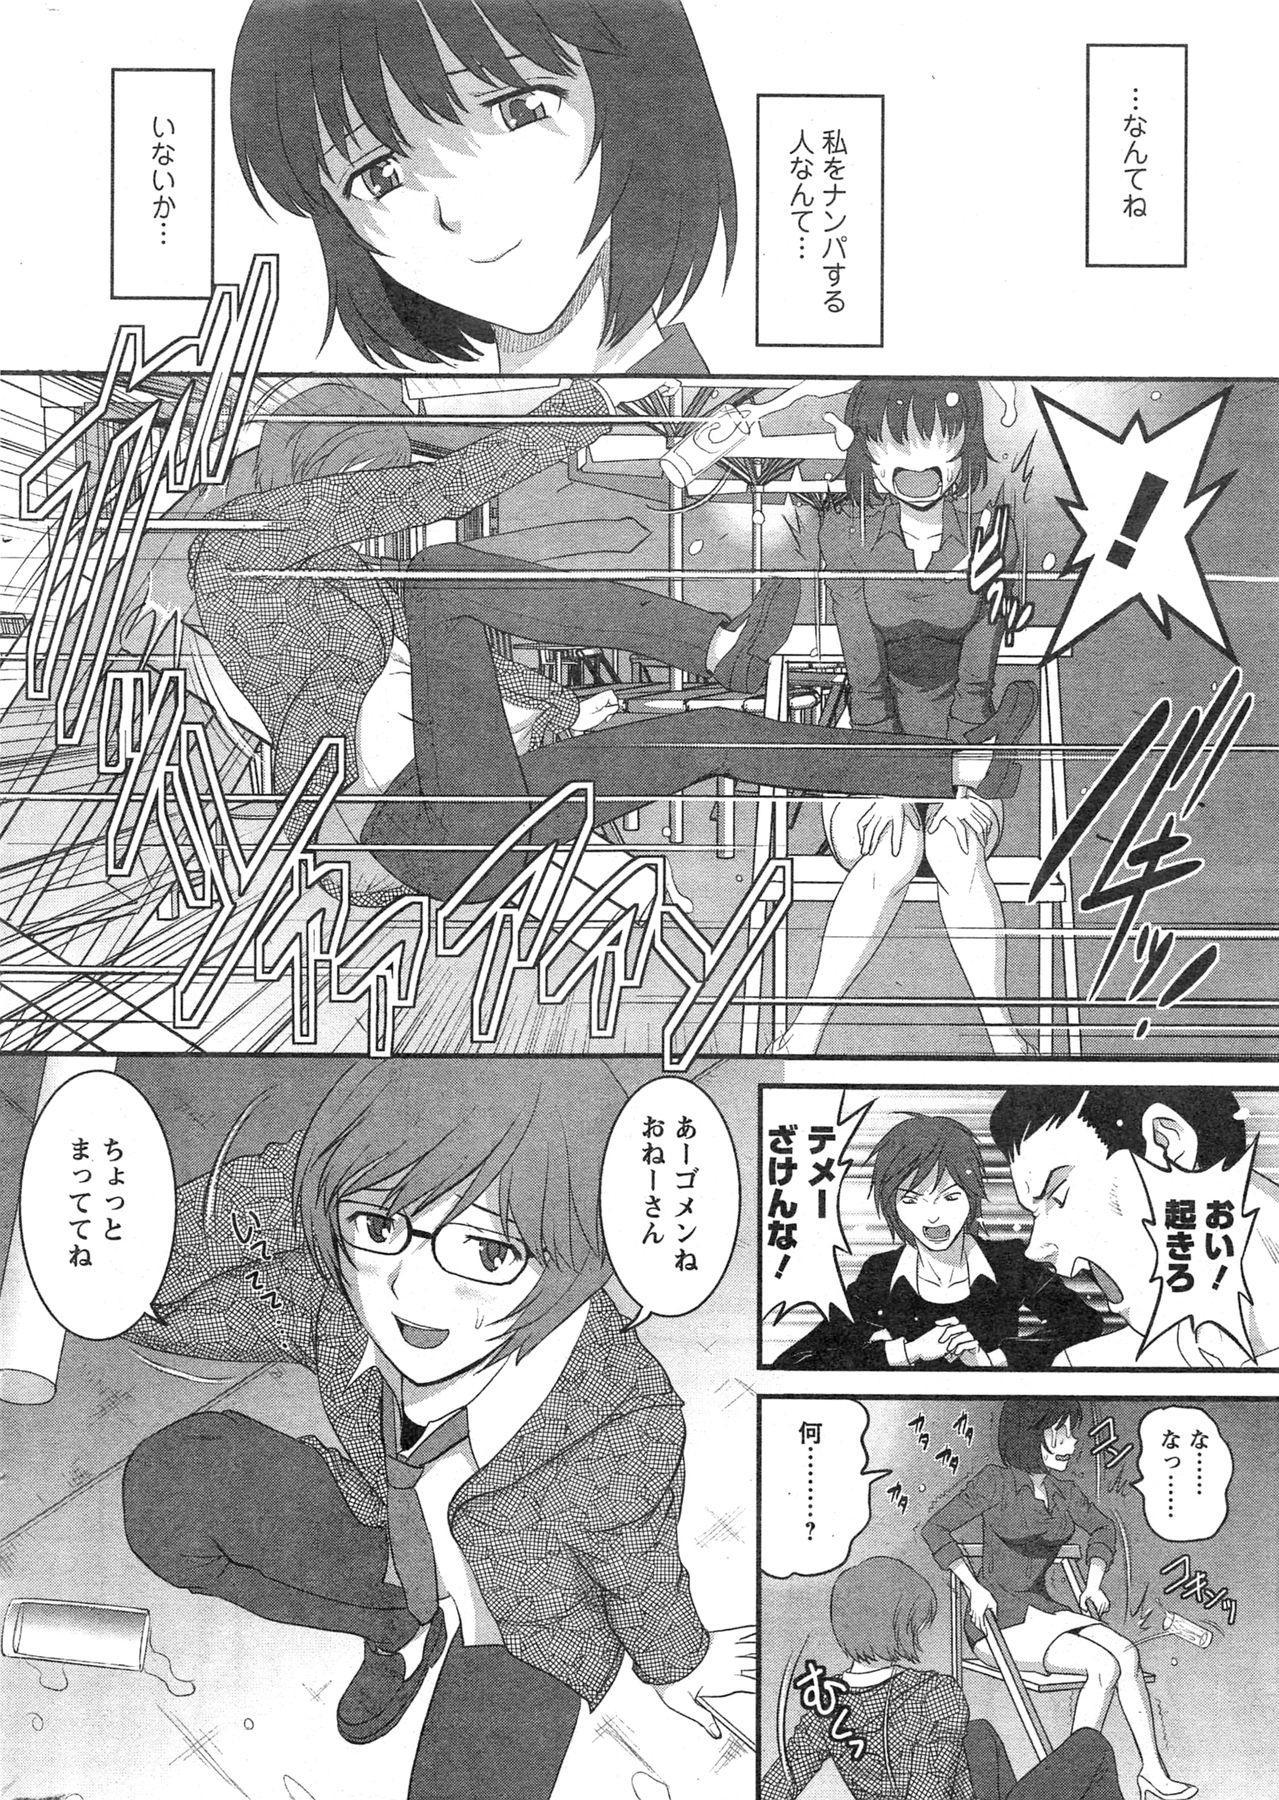 [Saigado] Hitozuma Jokyoushi Main-san Ch.01-10 11